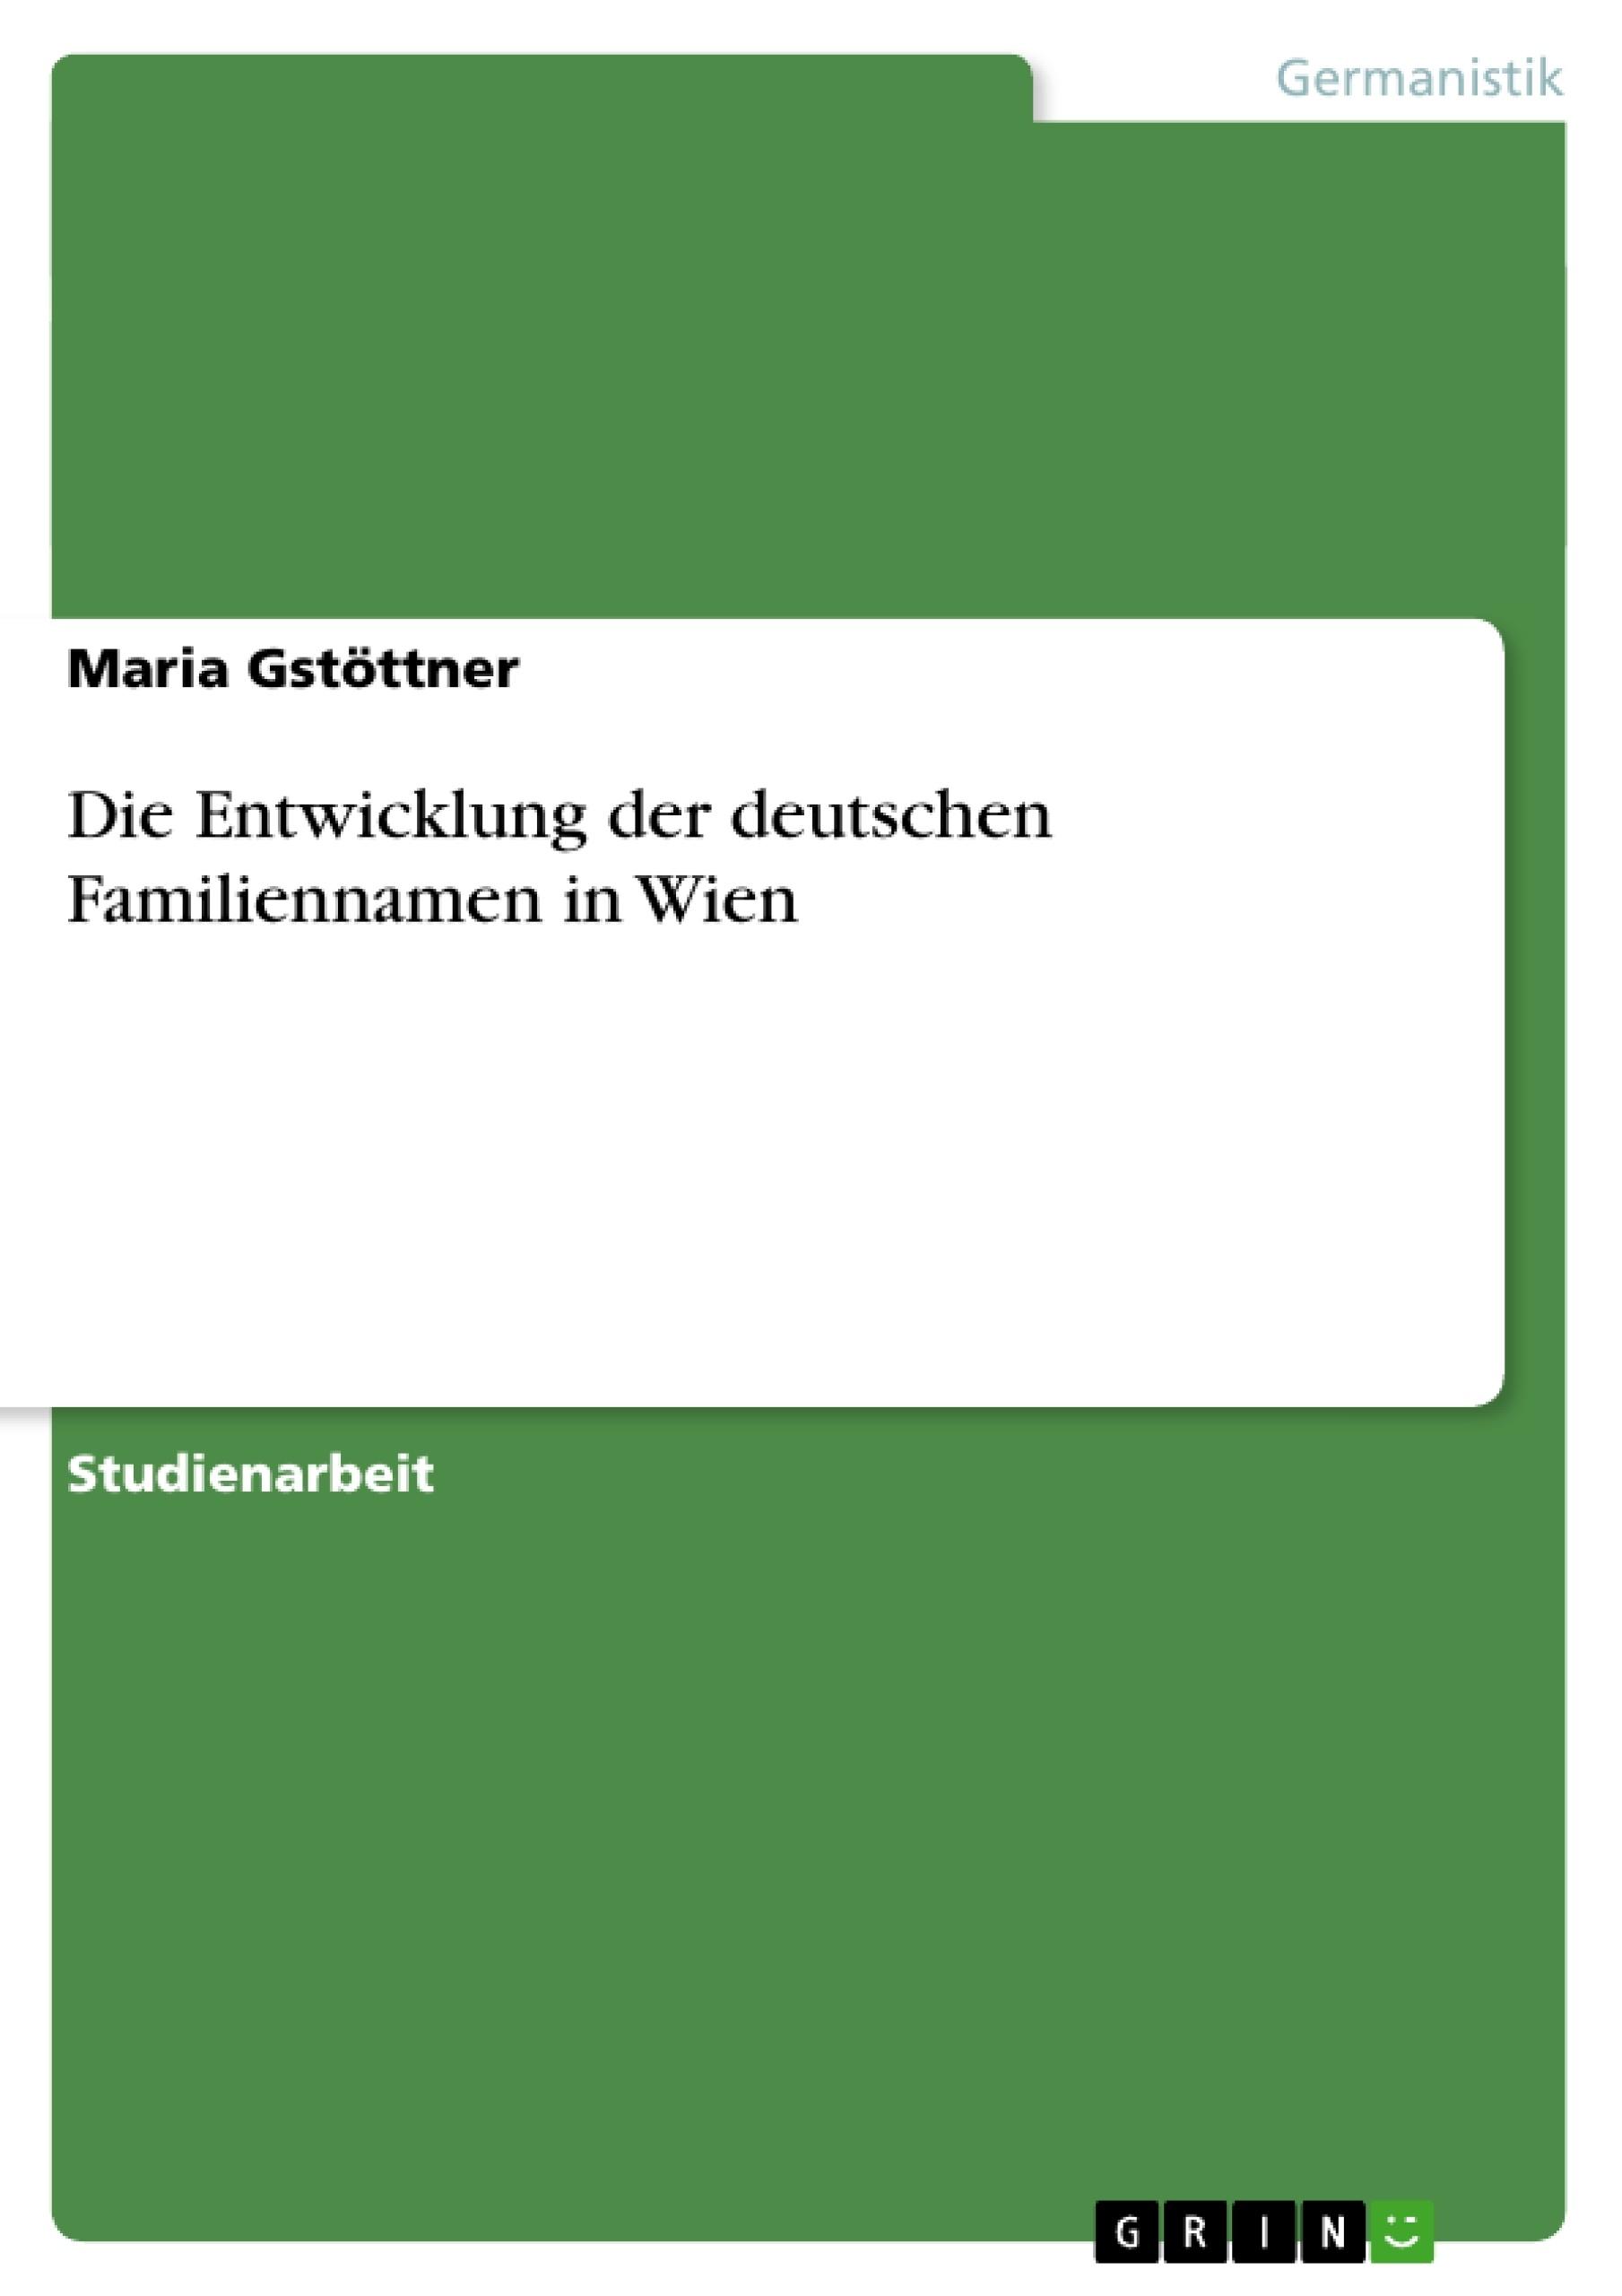 Titel: Die Entwicklung der deutschen Familiennamen in Wien